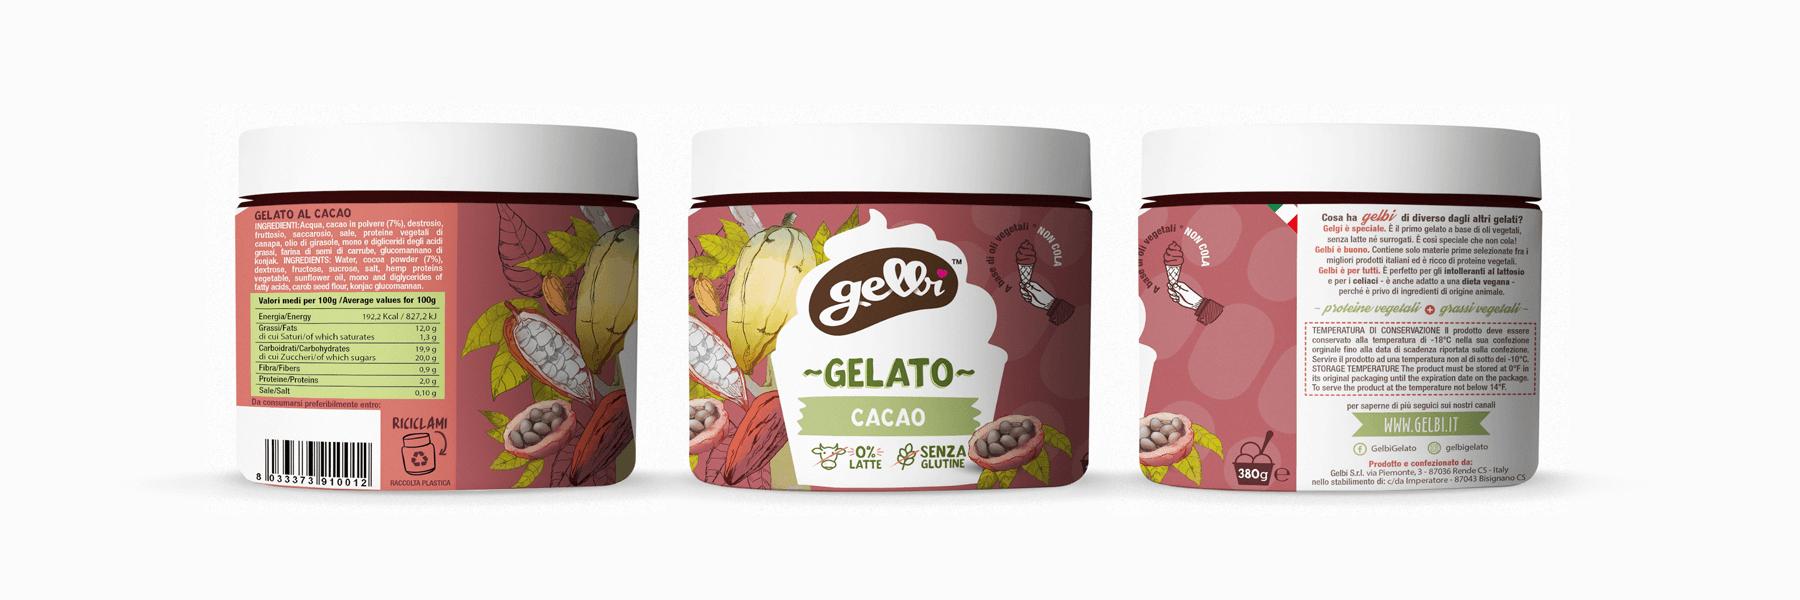 Studio La Regina - gelato Gelbi al cacao